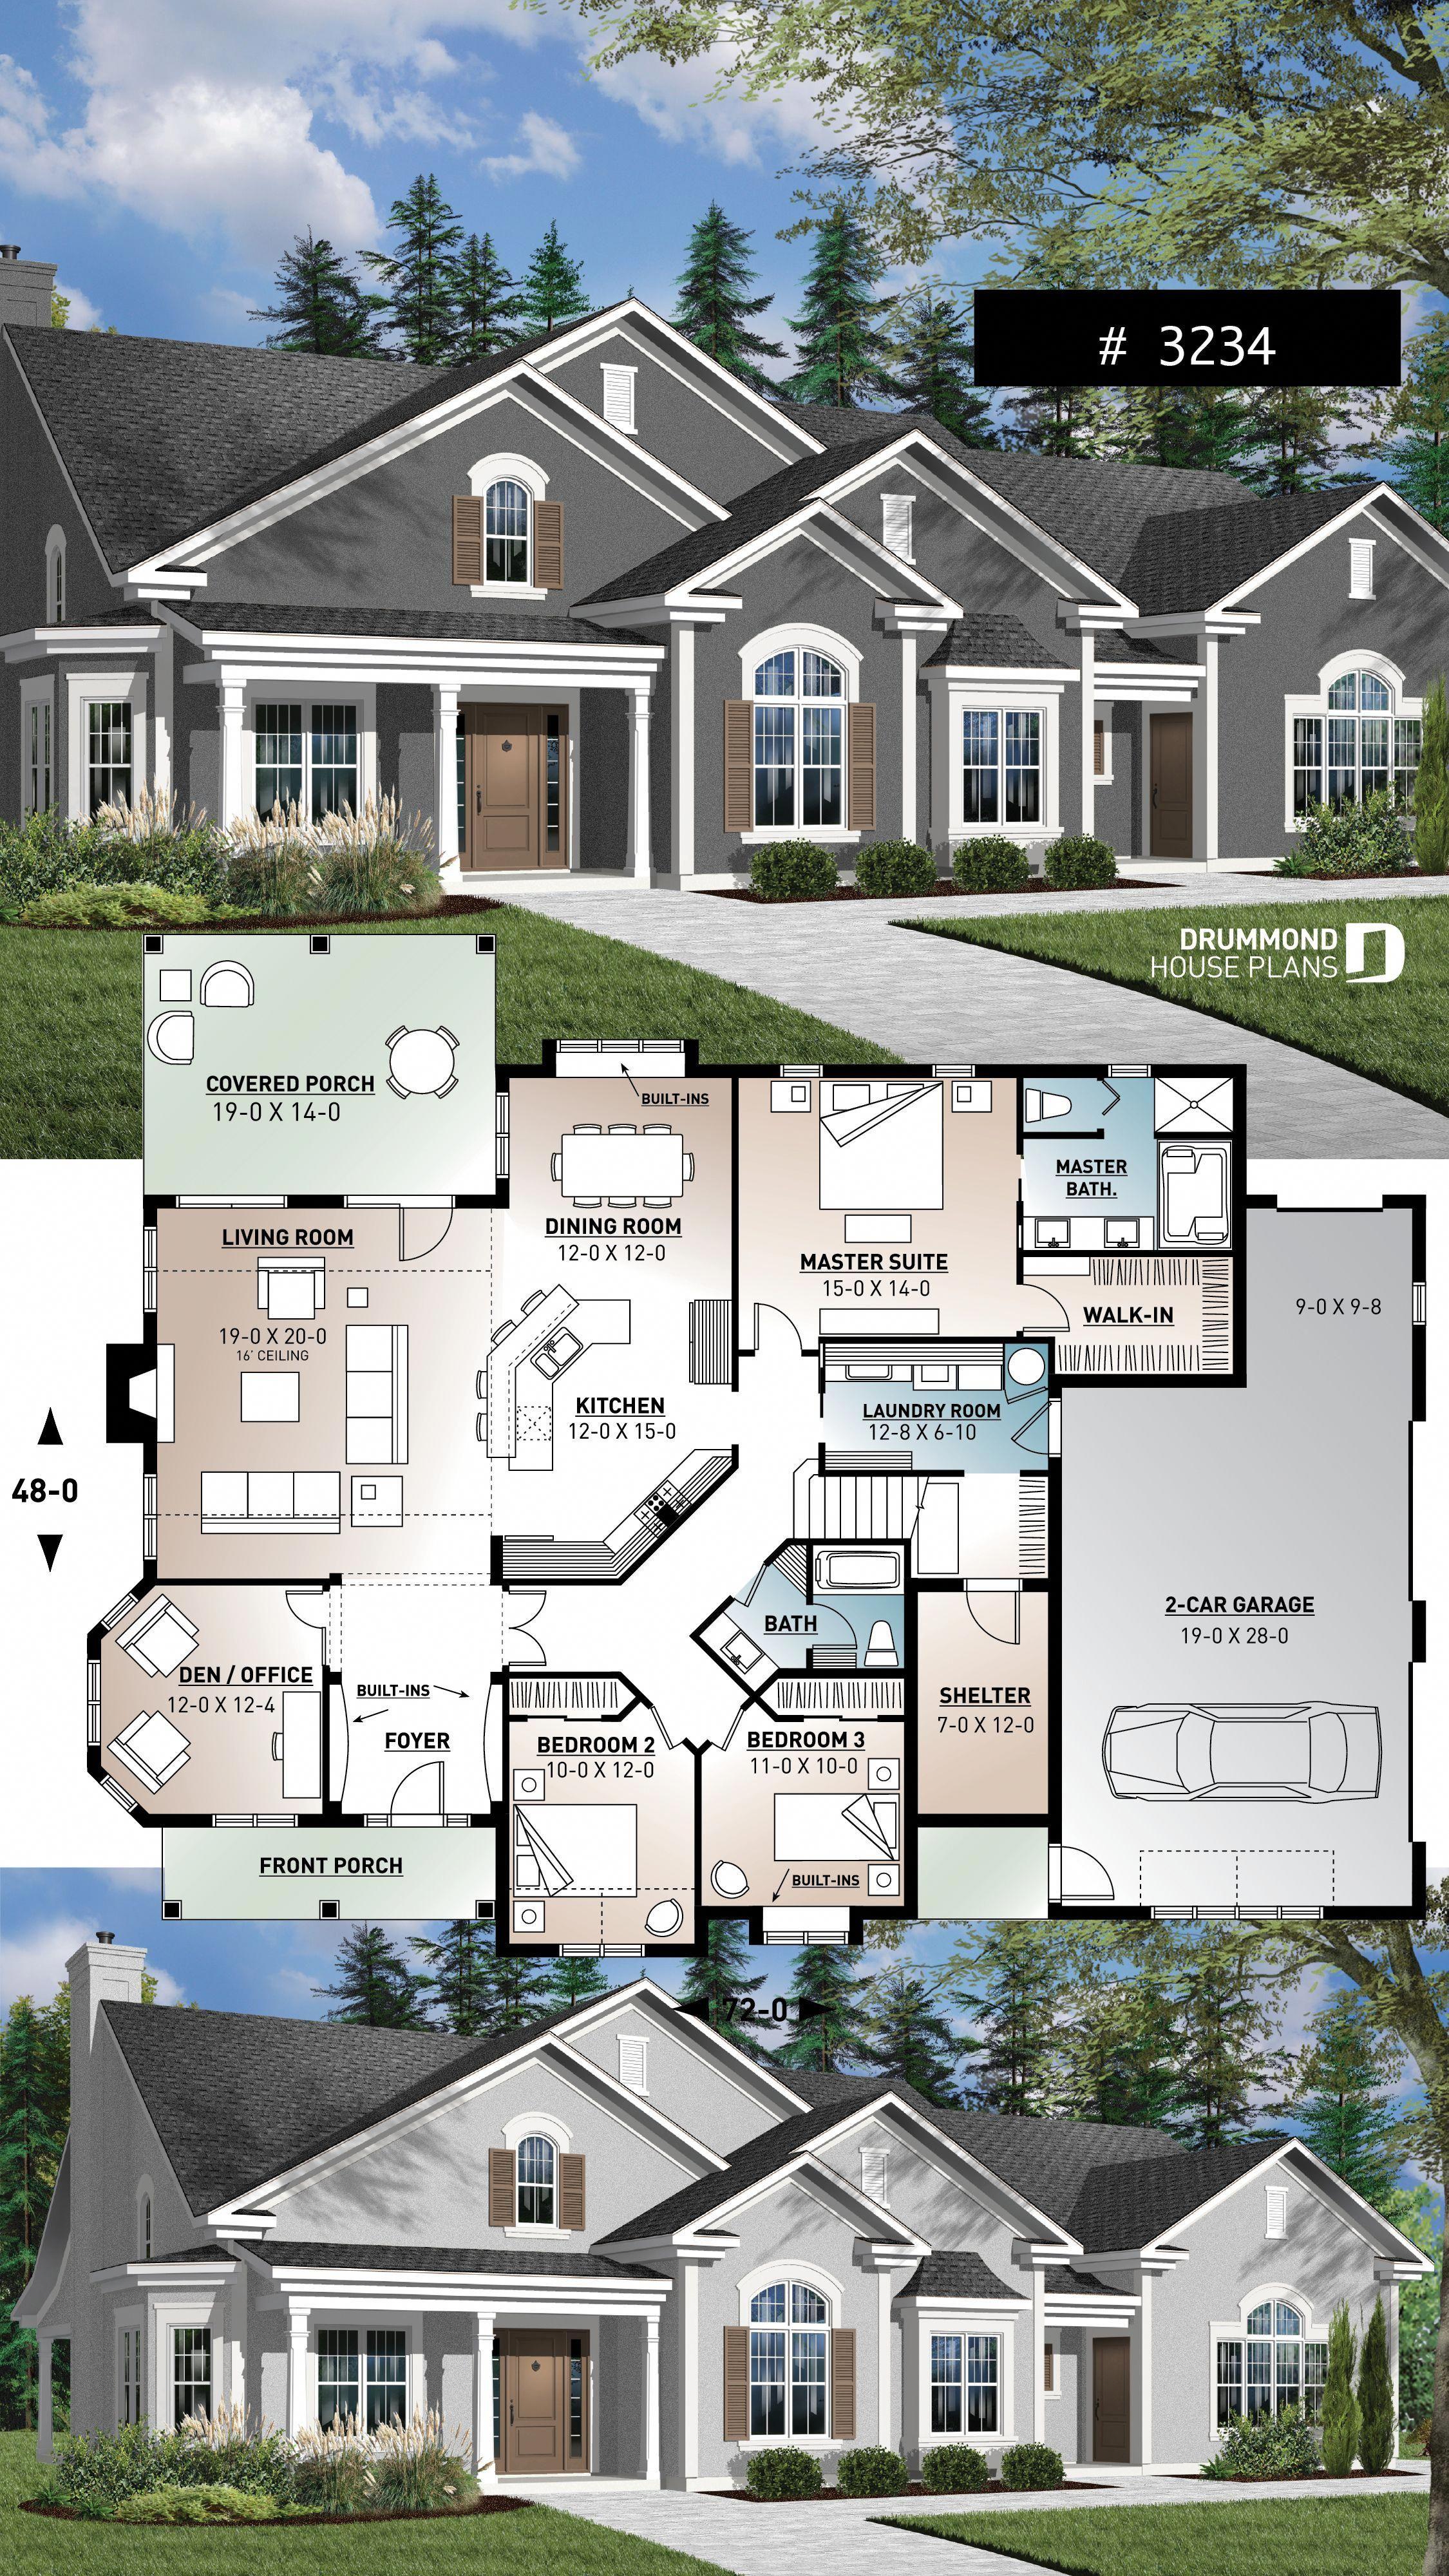 3 To 4 Bedroom Ranch Home Plan Split Bedrooms Large Master Suite 2 Car Side Entry Garage Large Family Family House Plans Craftsman House Plans House Plans